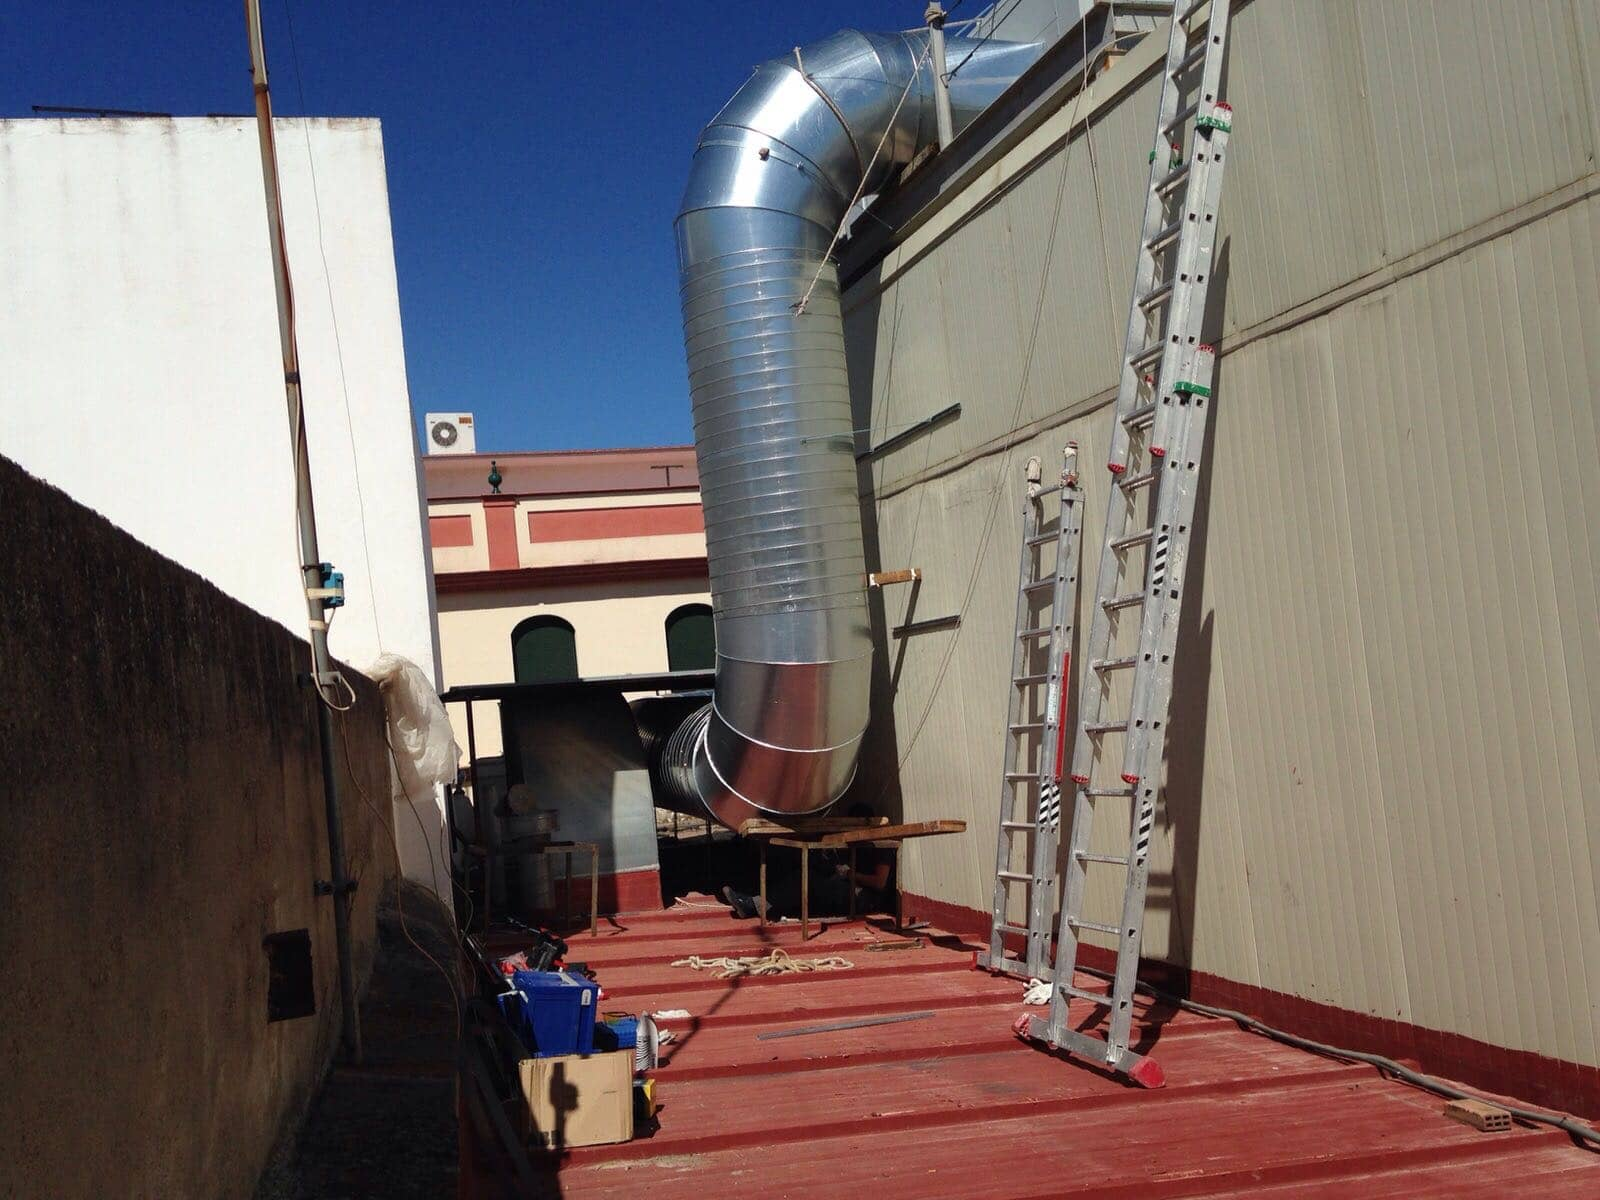 Suministro e instalaci n de equipos de aire acondicionado for Instalacion aire acondicionado sevilla